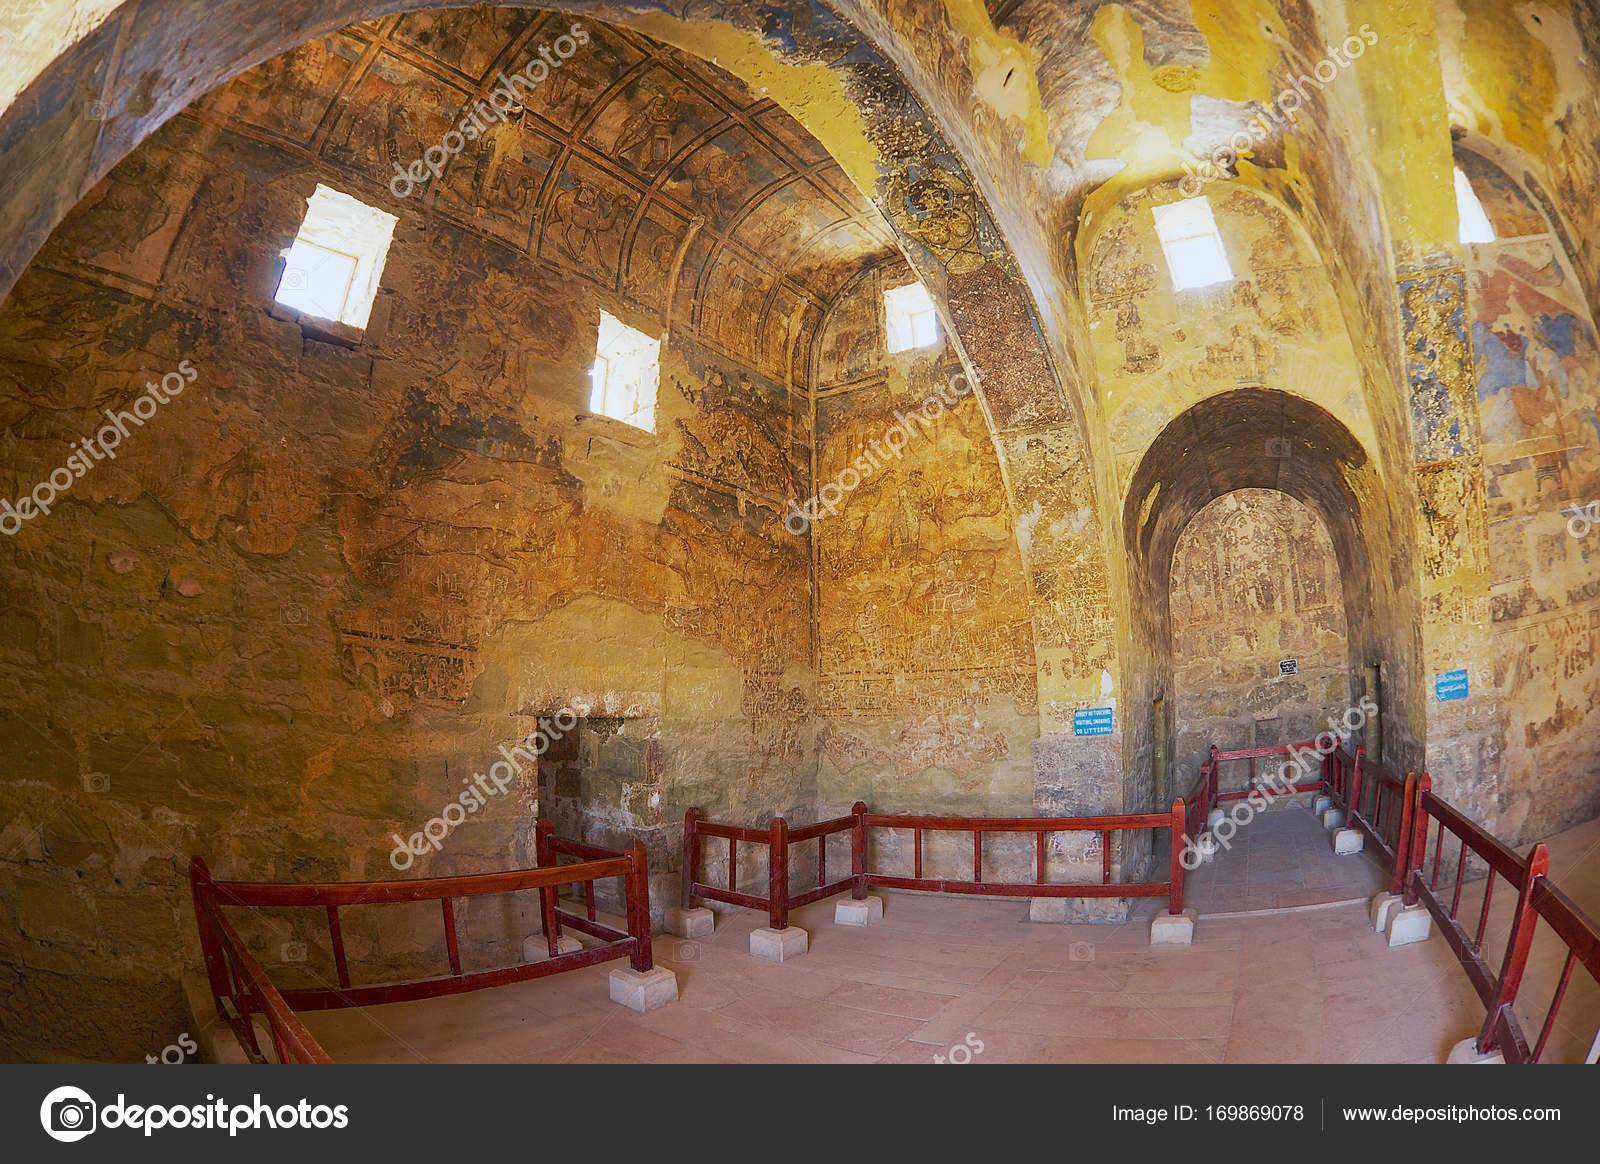 Interieur van de oude umayyad woestijn kasteel van qasr amra met